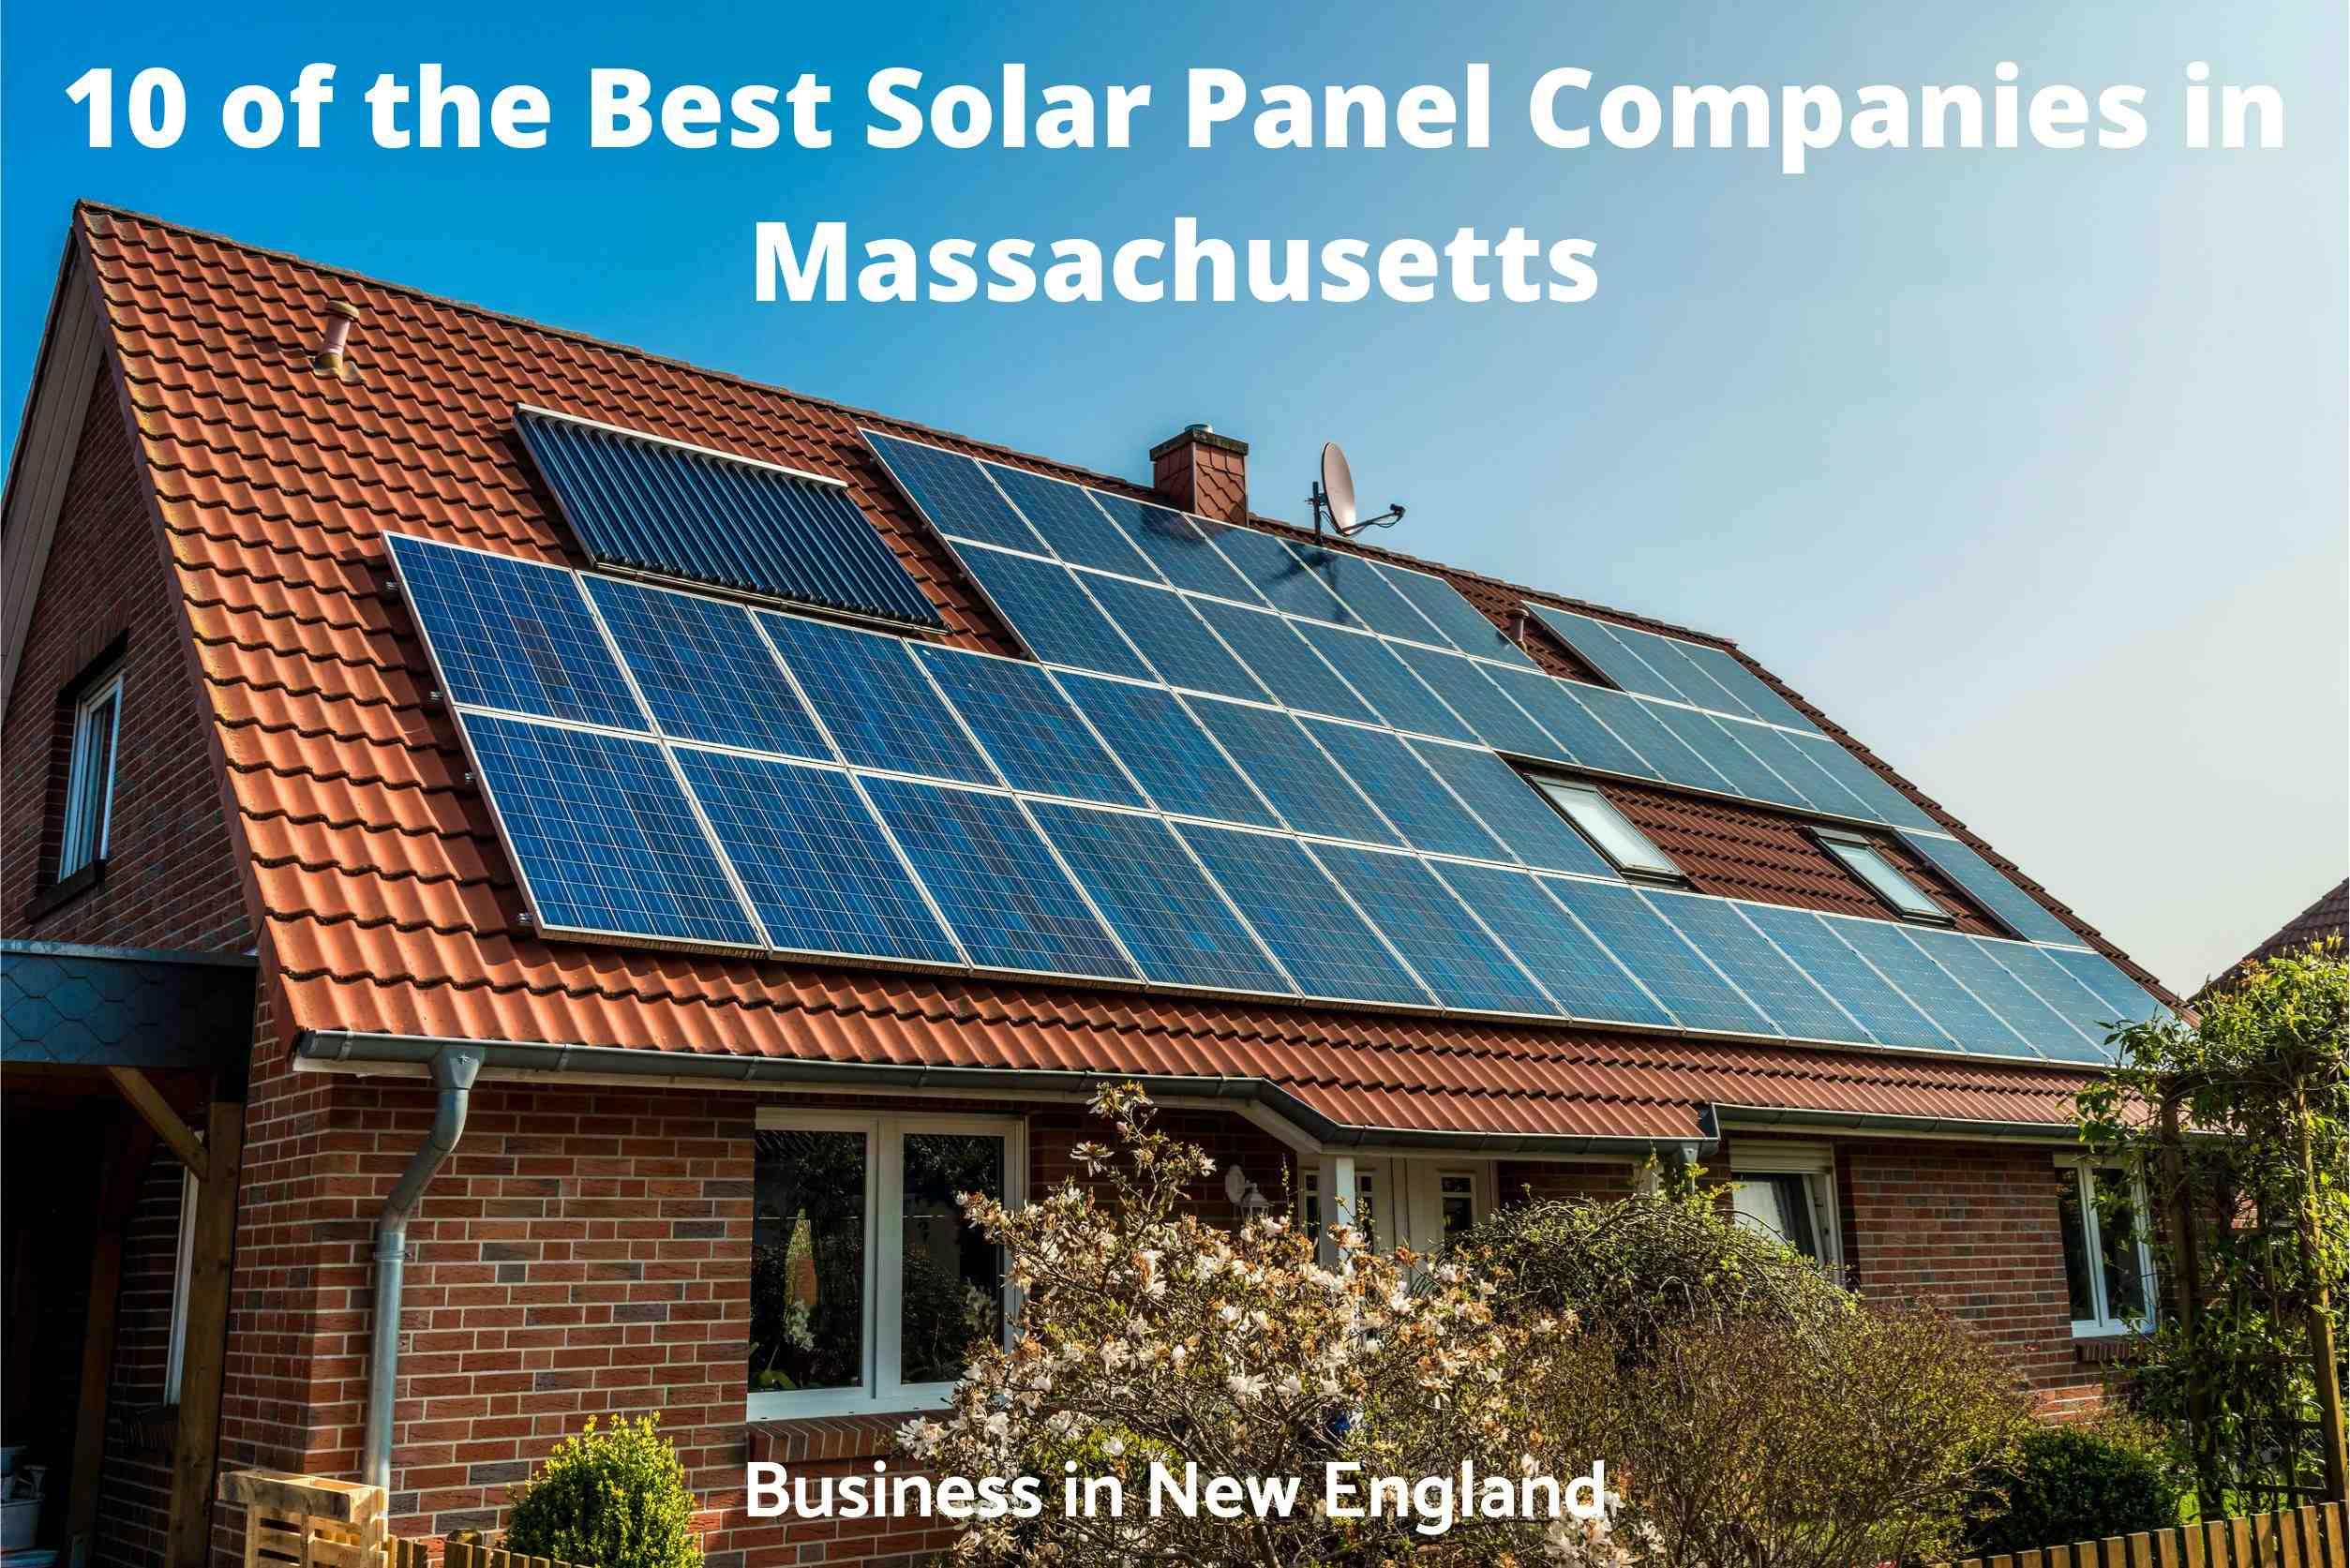 Is Vivint Solar a pyramid scheme?